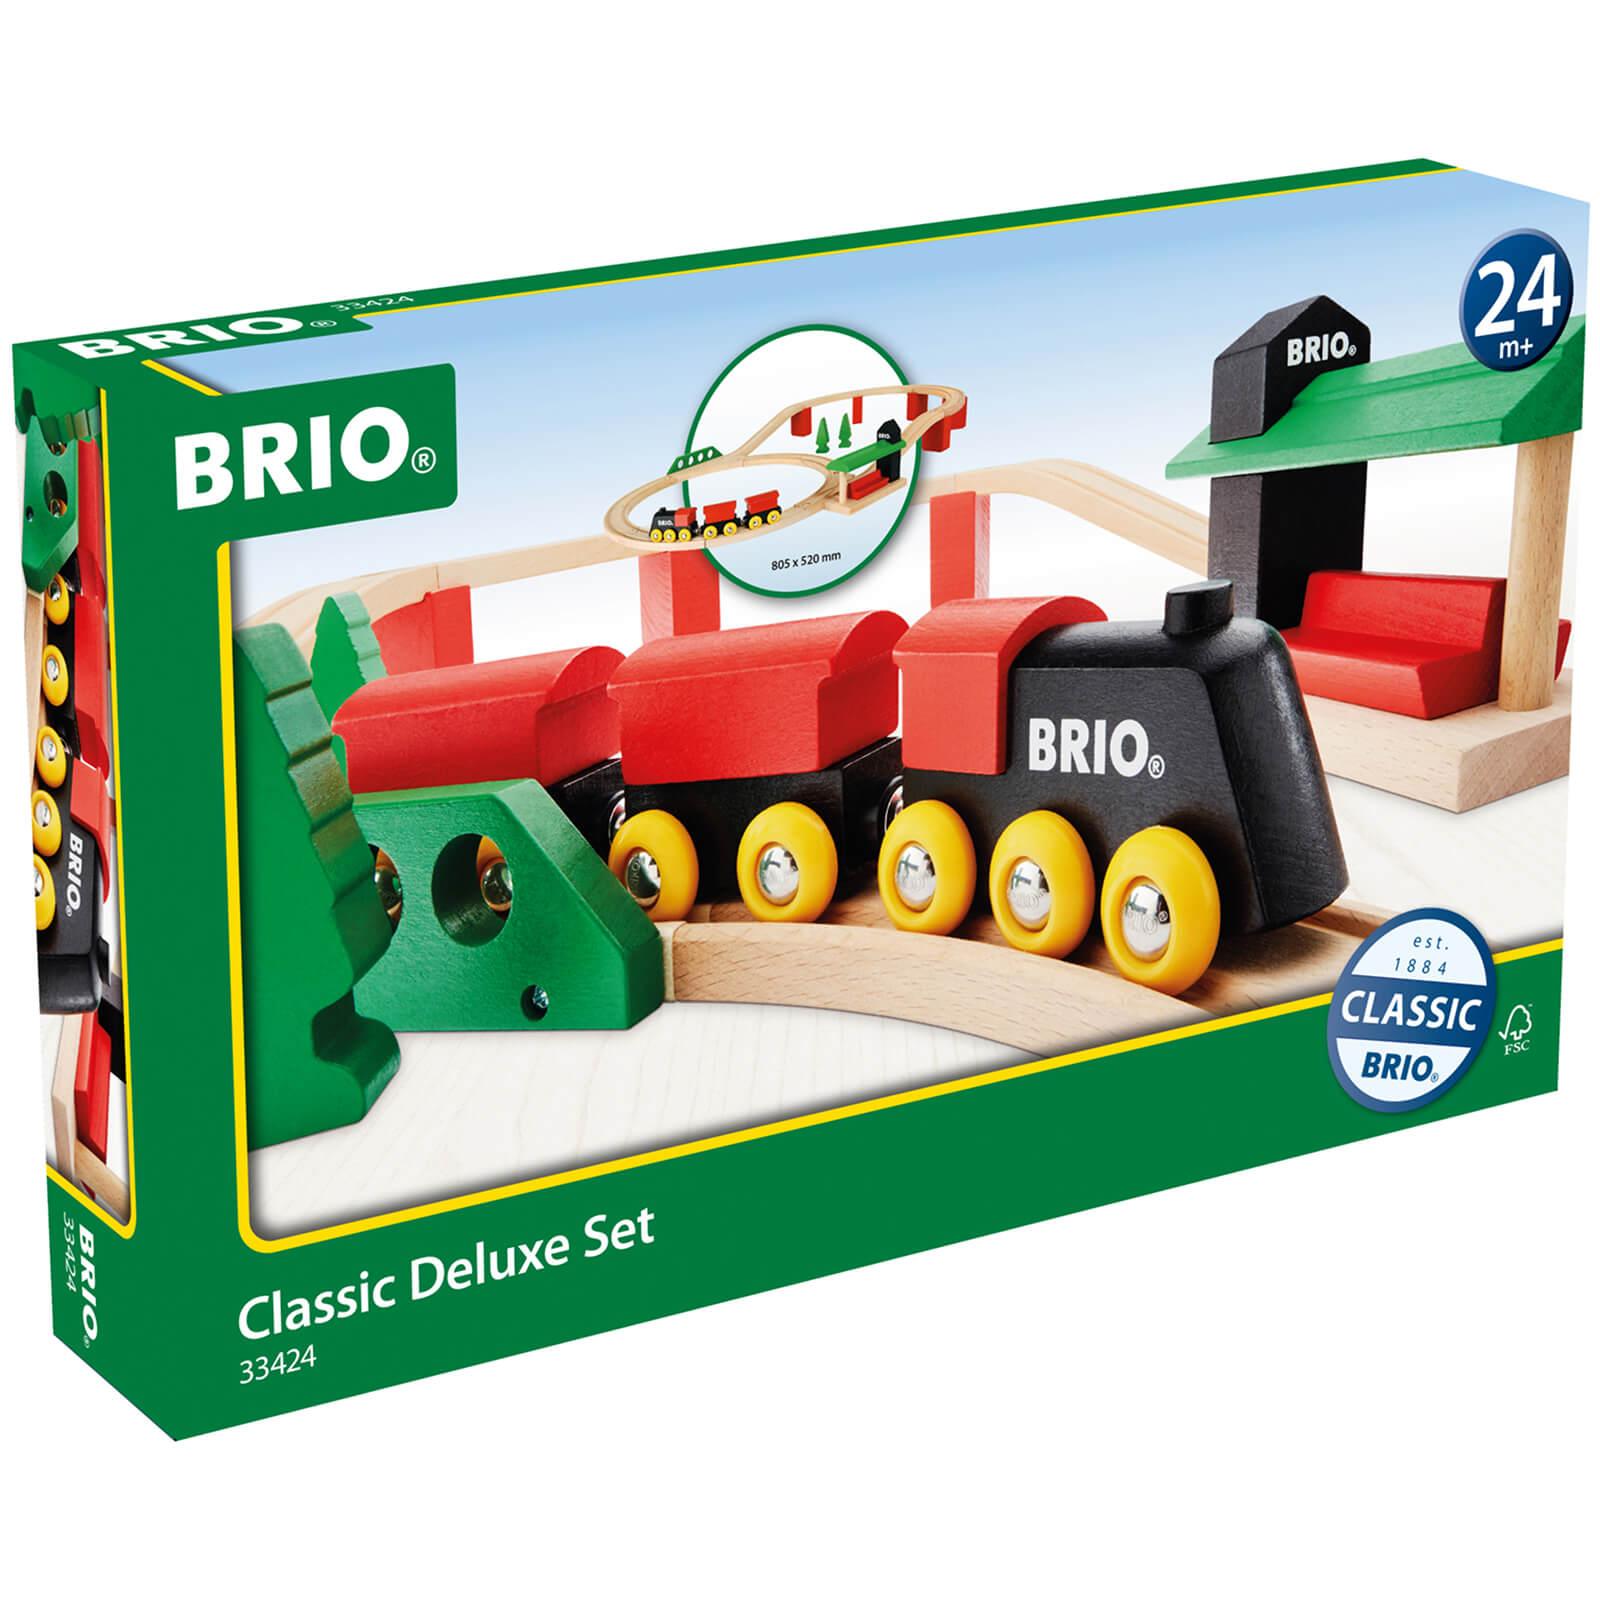 Brio Classic Deluxe Set